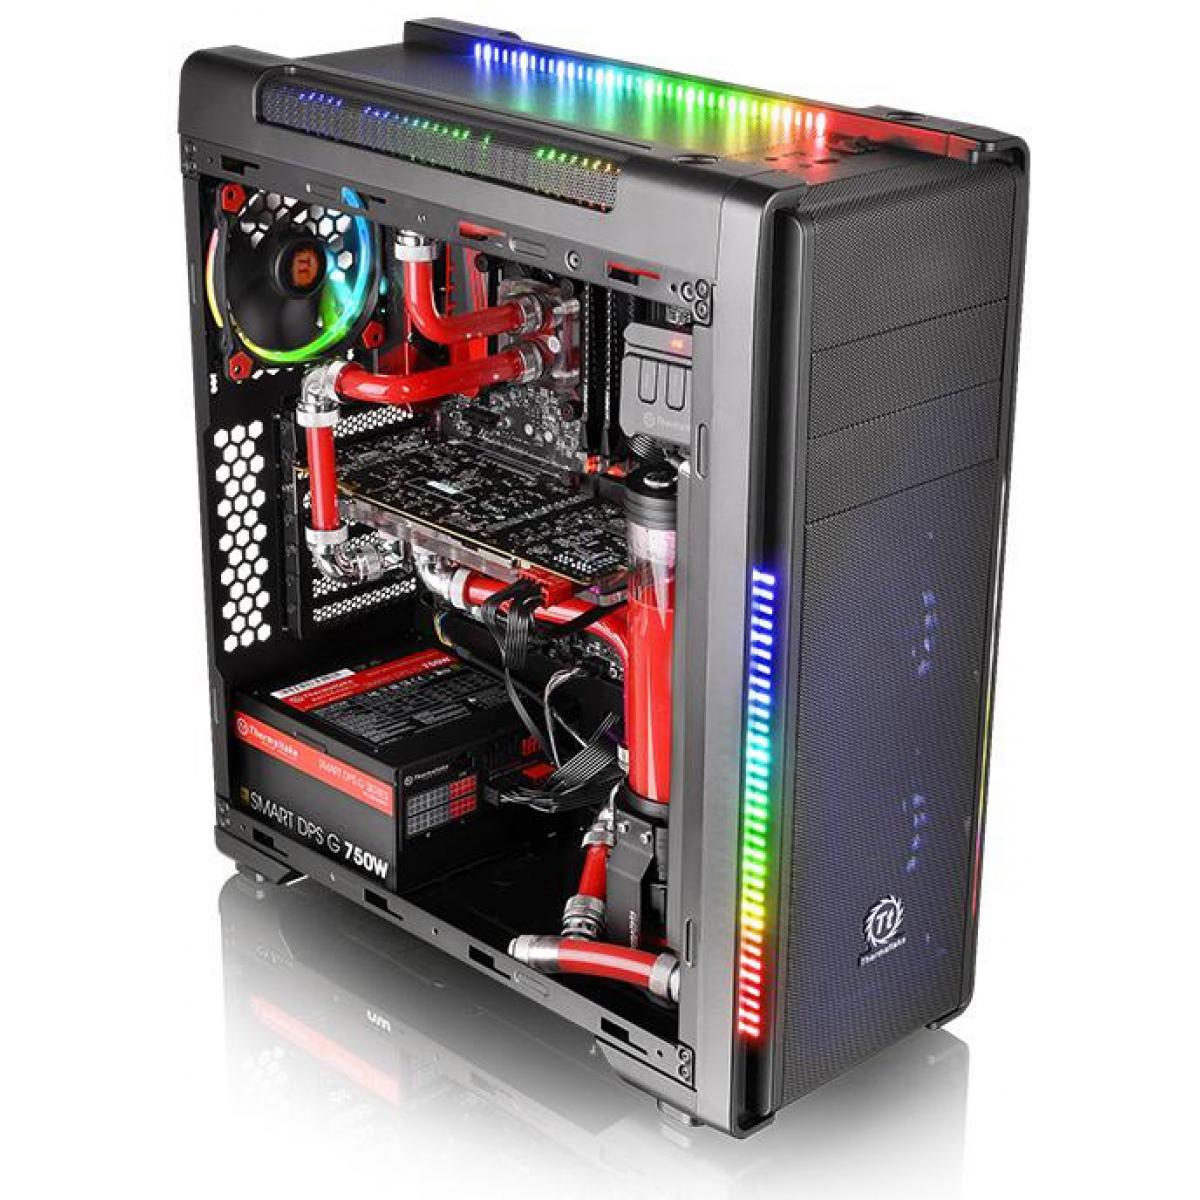 Gabinete Gamer Thermaltake Versa C21 RGB, Mid Tower, Com 1 Fan, Black, Sem Fonte, CA-1G8-00M1WN-00